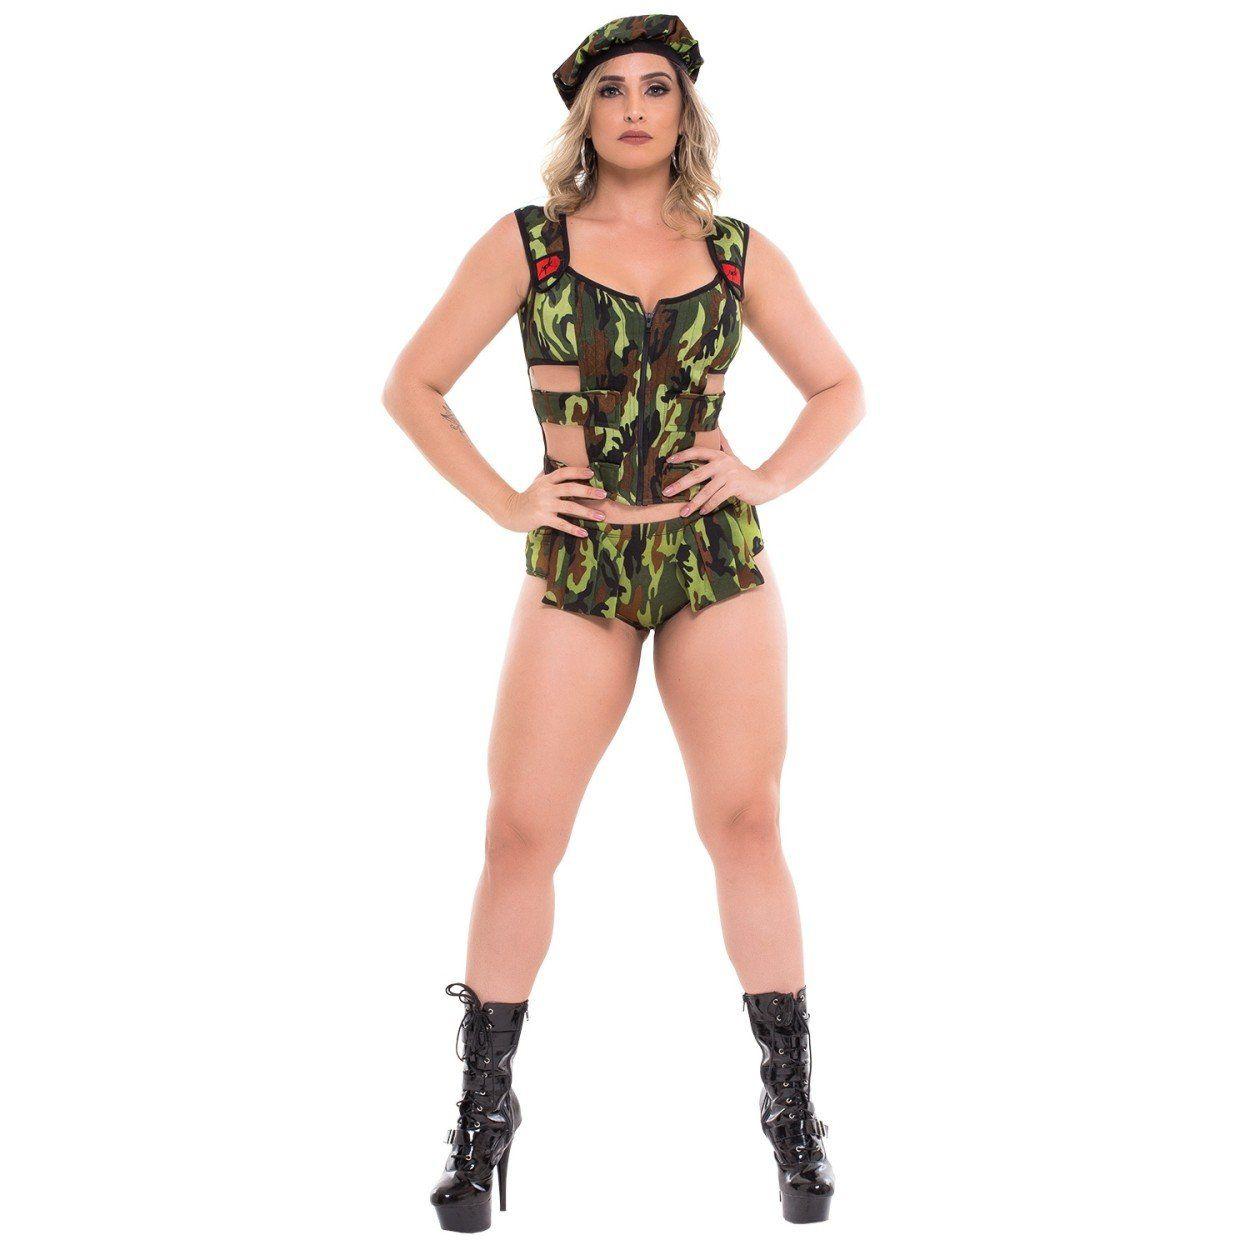 Fantasia feminina Militar SPK